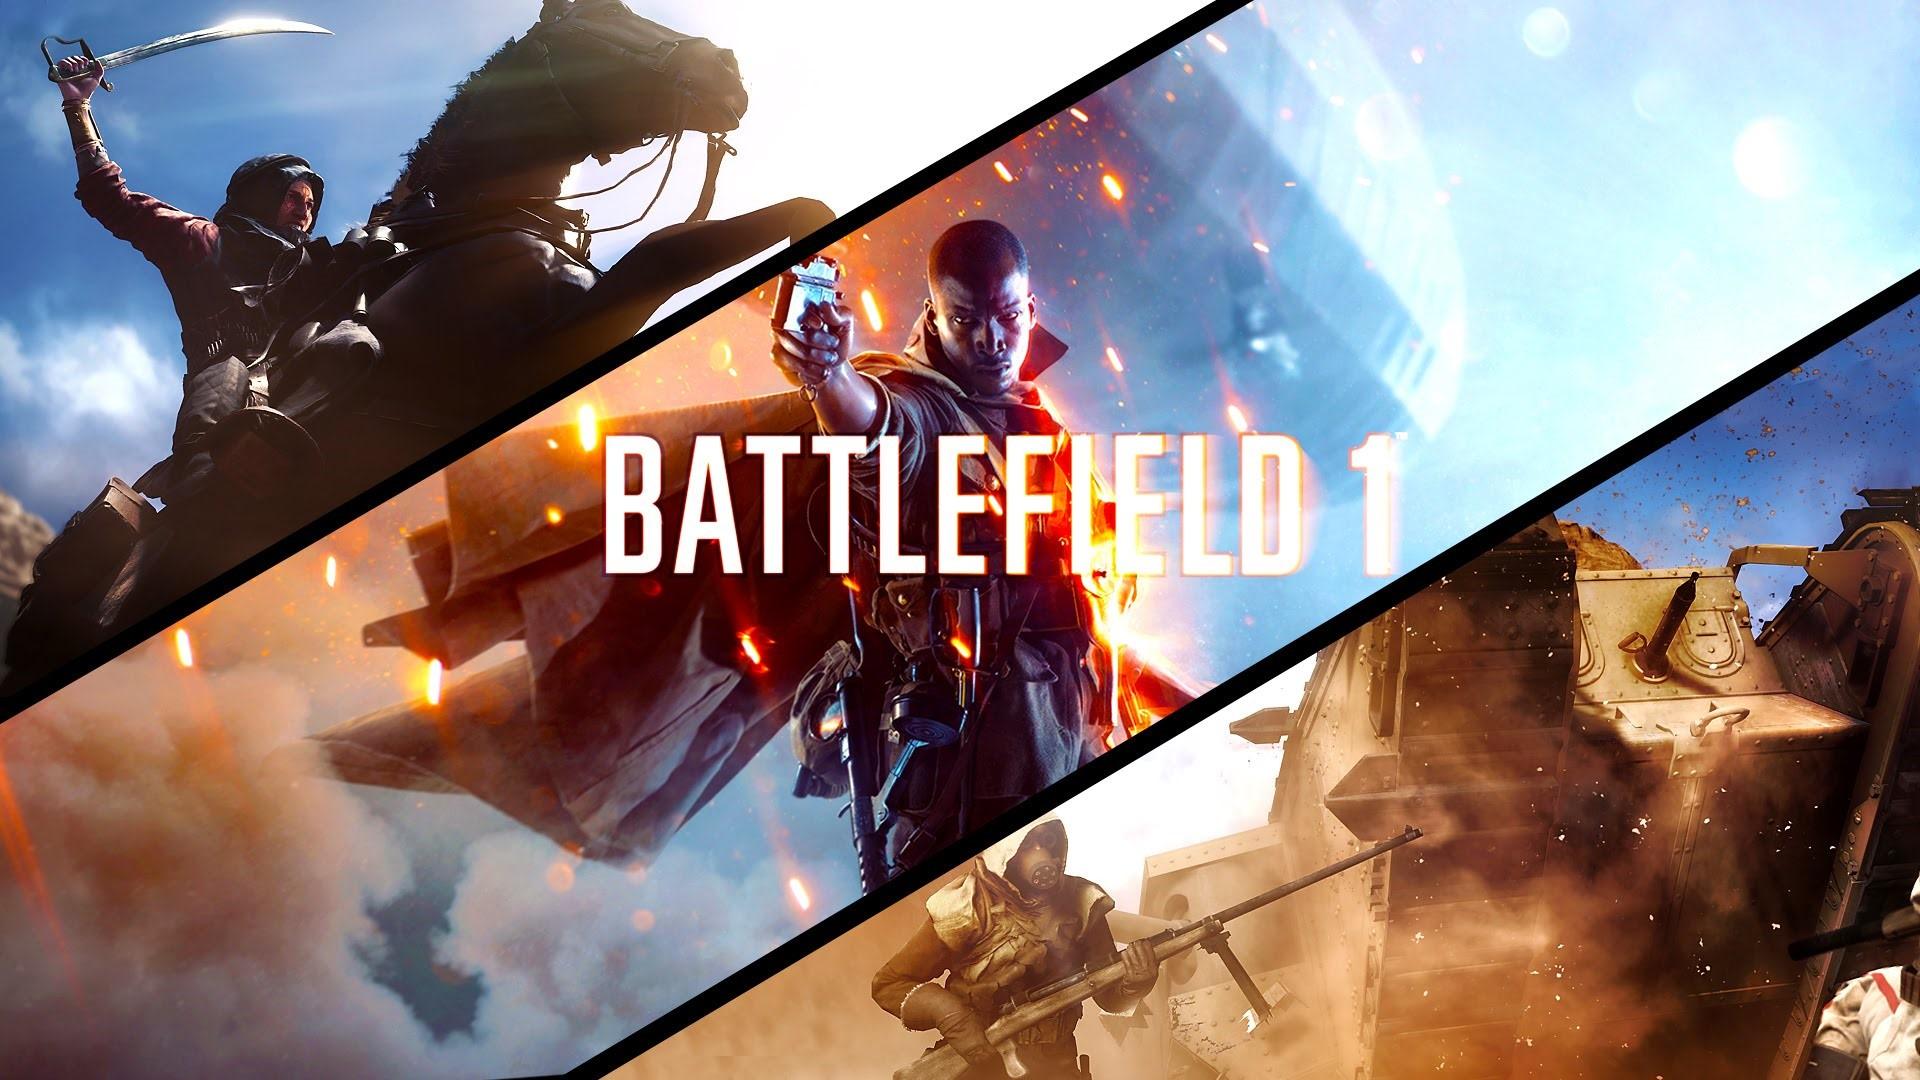 Battlefield 1 l 4 Prem l Hard l +Подарки